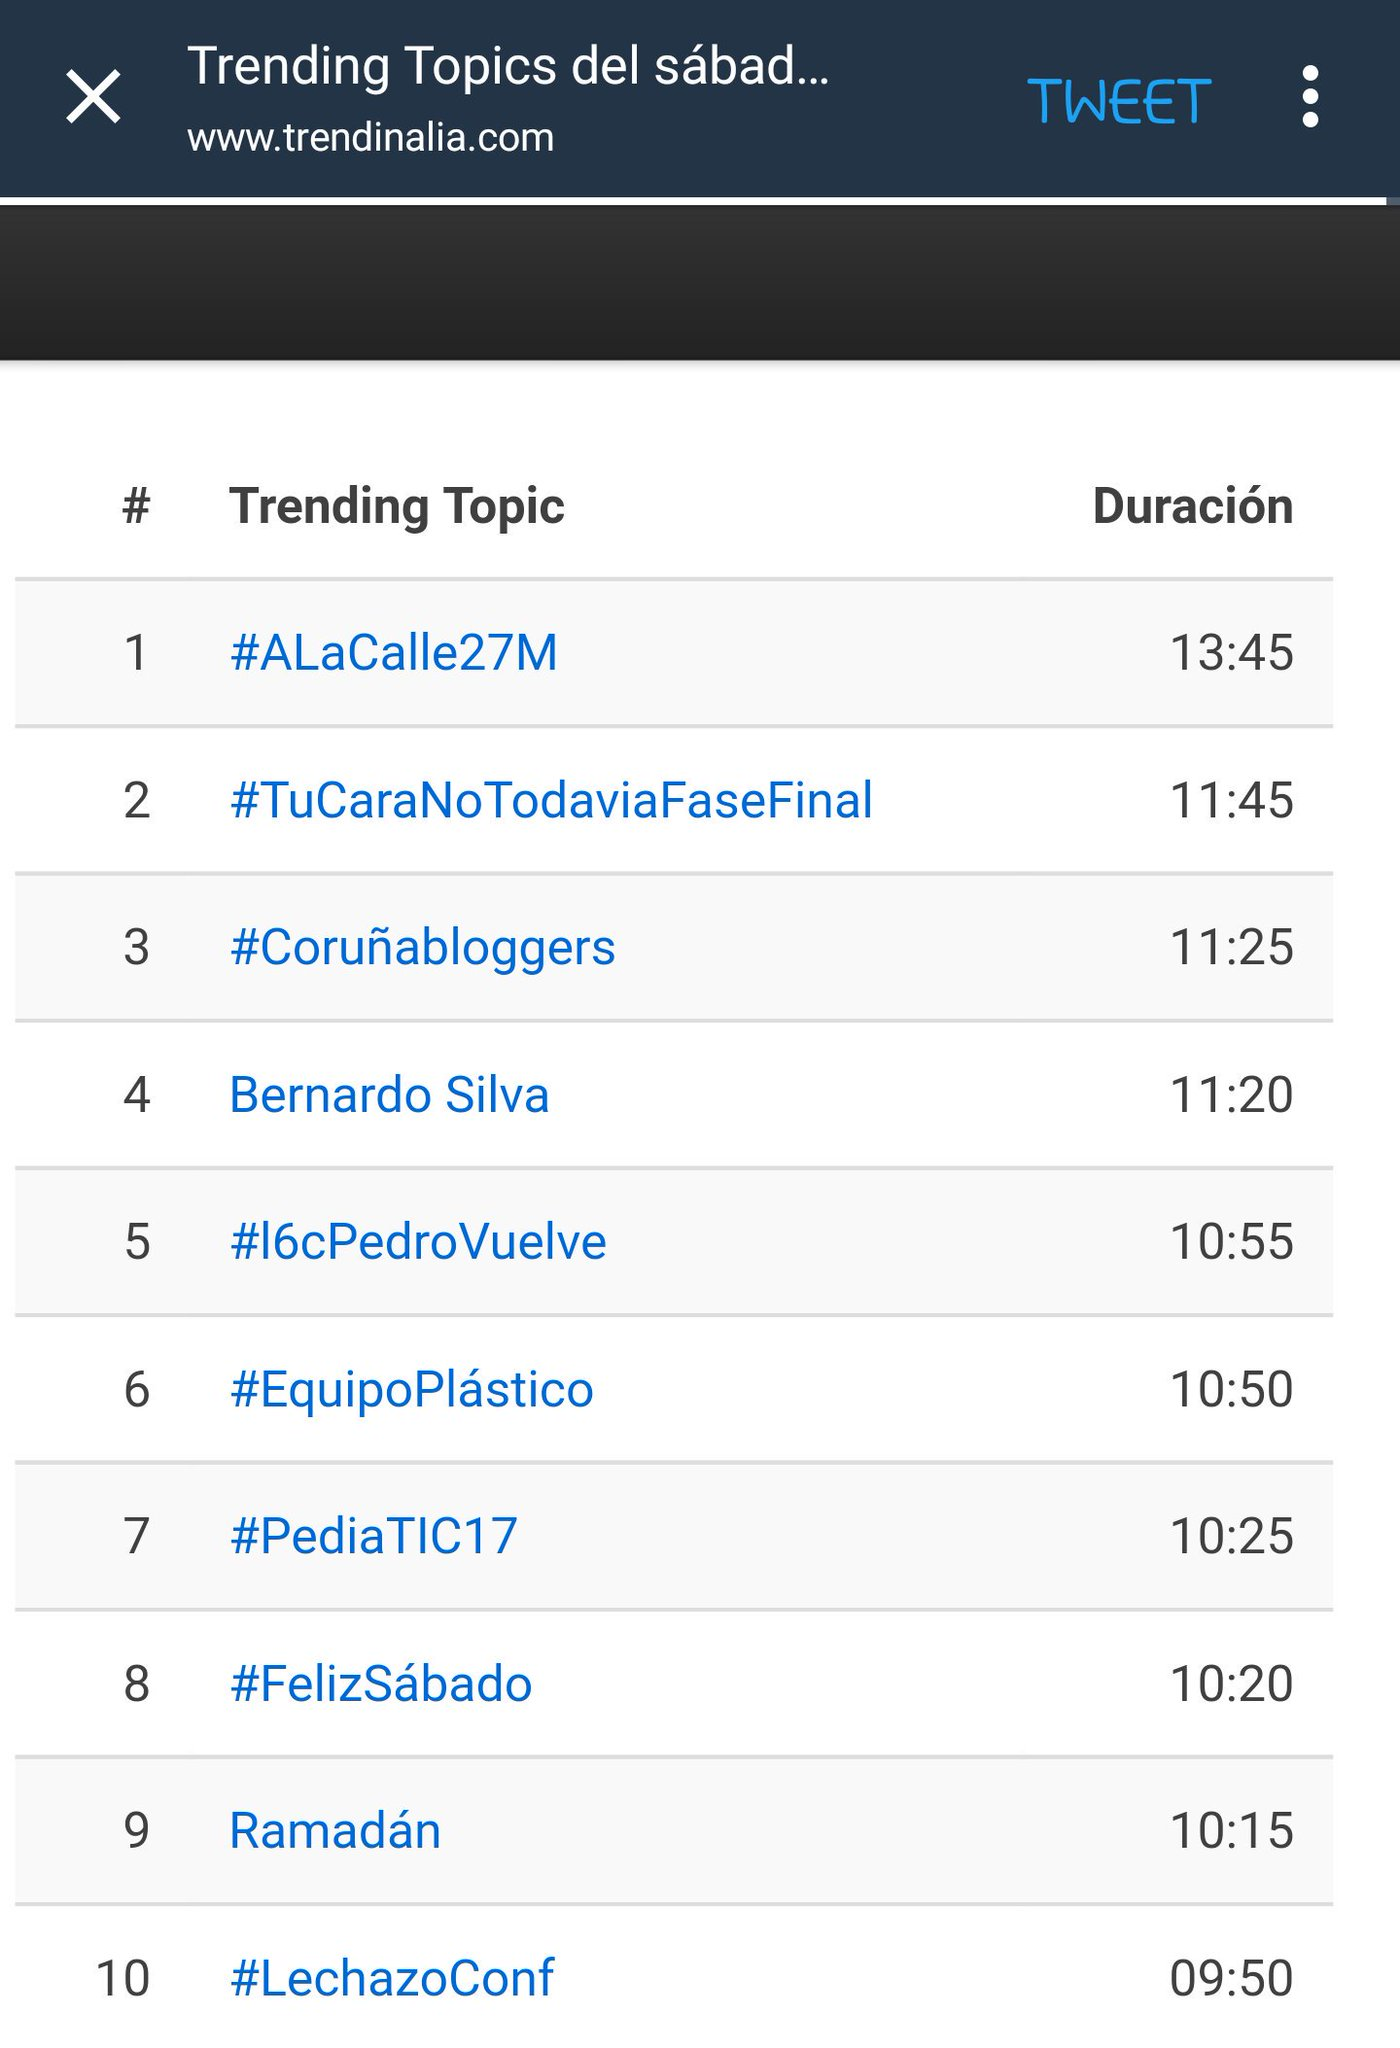 El X #CoruñaBloggers en el podio de los TT del sábado 27/Mayo https://t.co/8059XUouHh